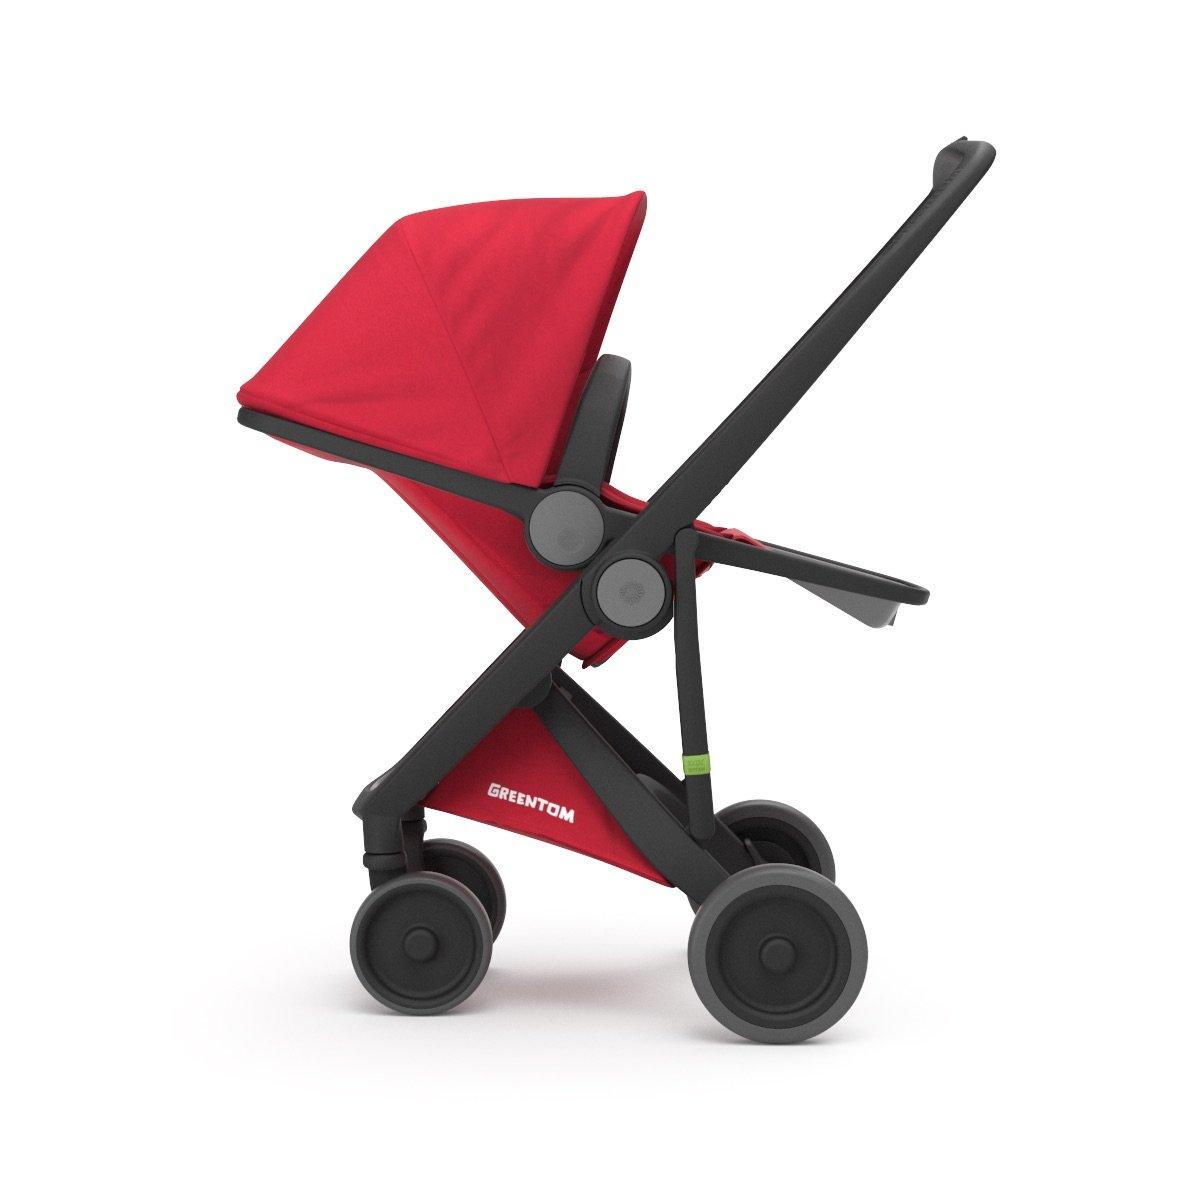 Cochecito UPP Reversible chasis negro + Asiento rojo greentom: Amazon.es: Bebé